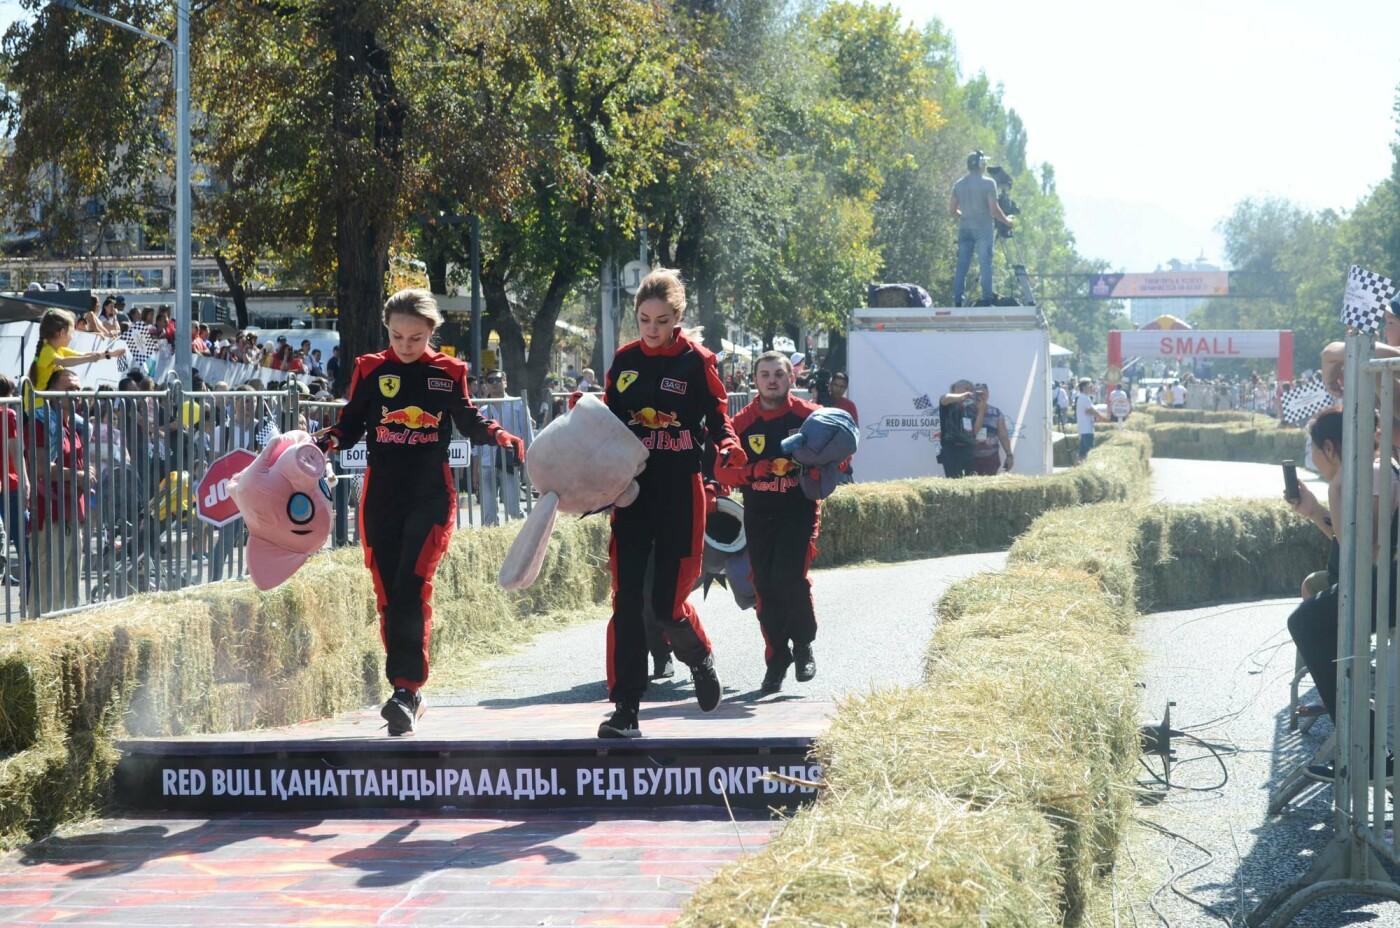 Как в Алматы прошла гонка самодельных болидов Red Bull Soapbox Race (фото), фото-15